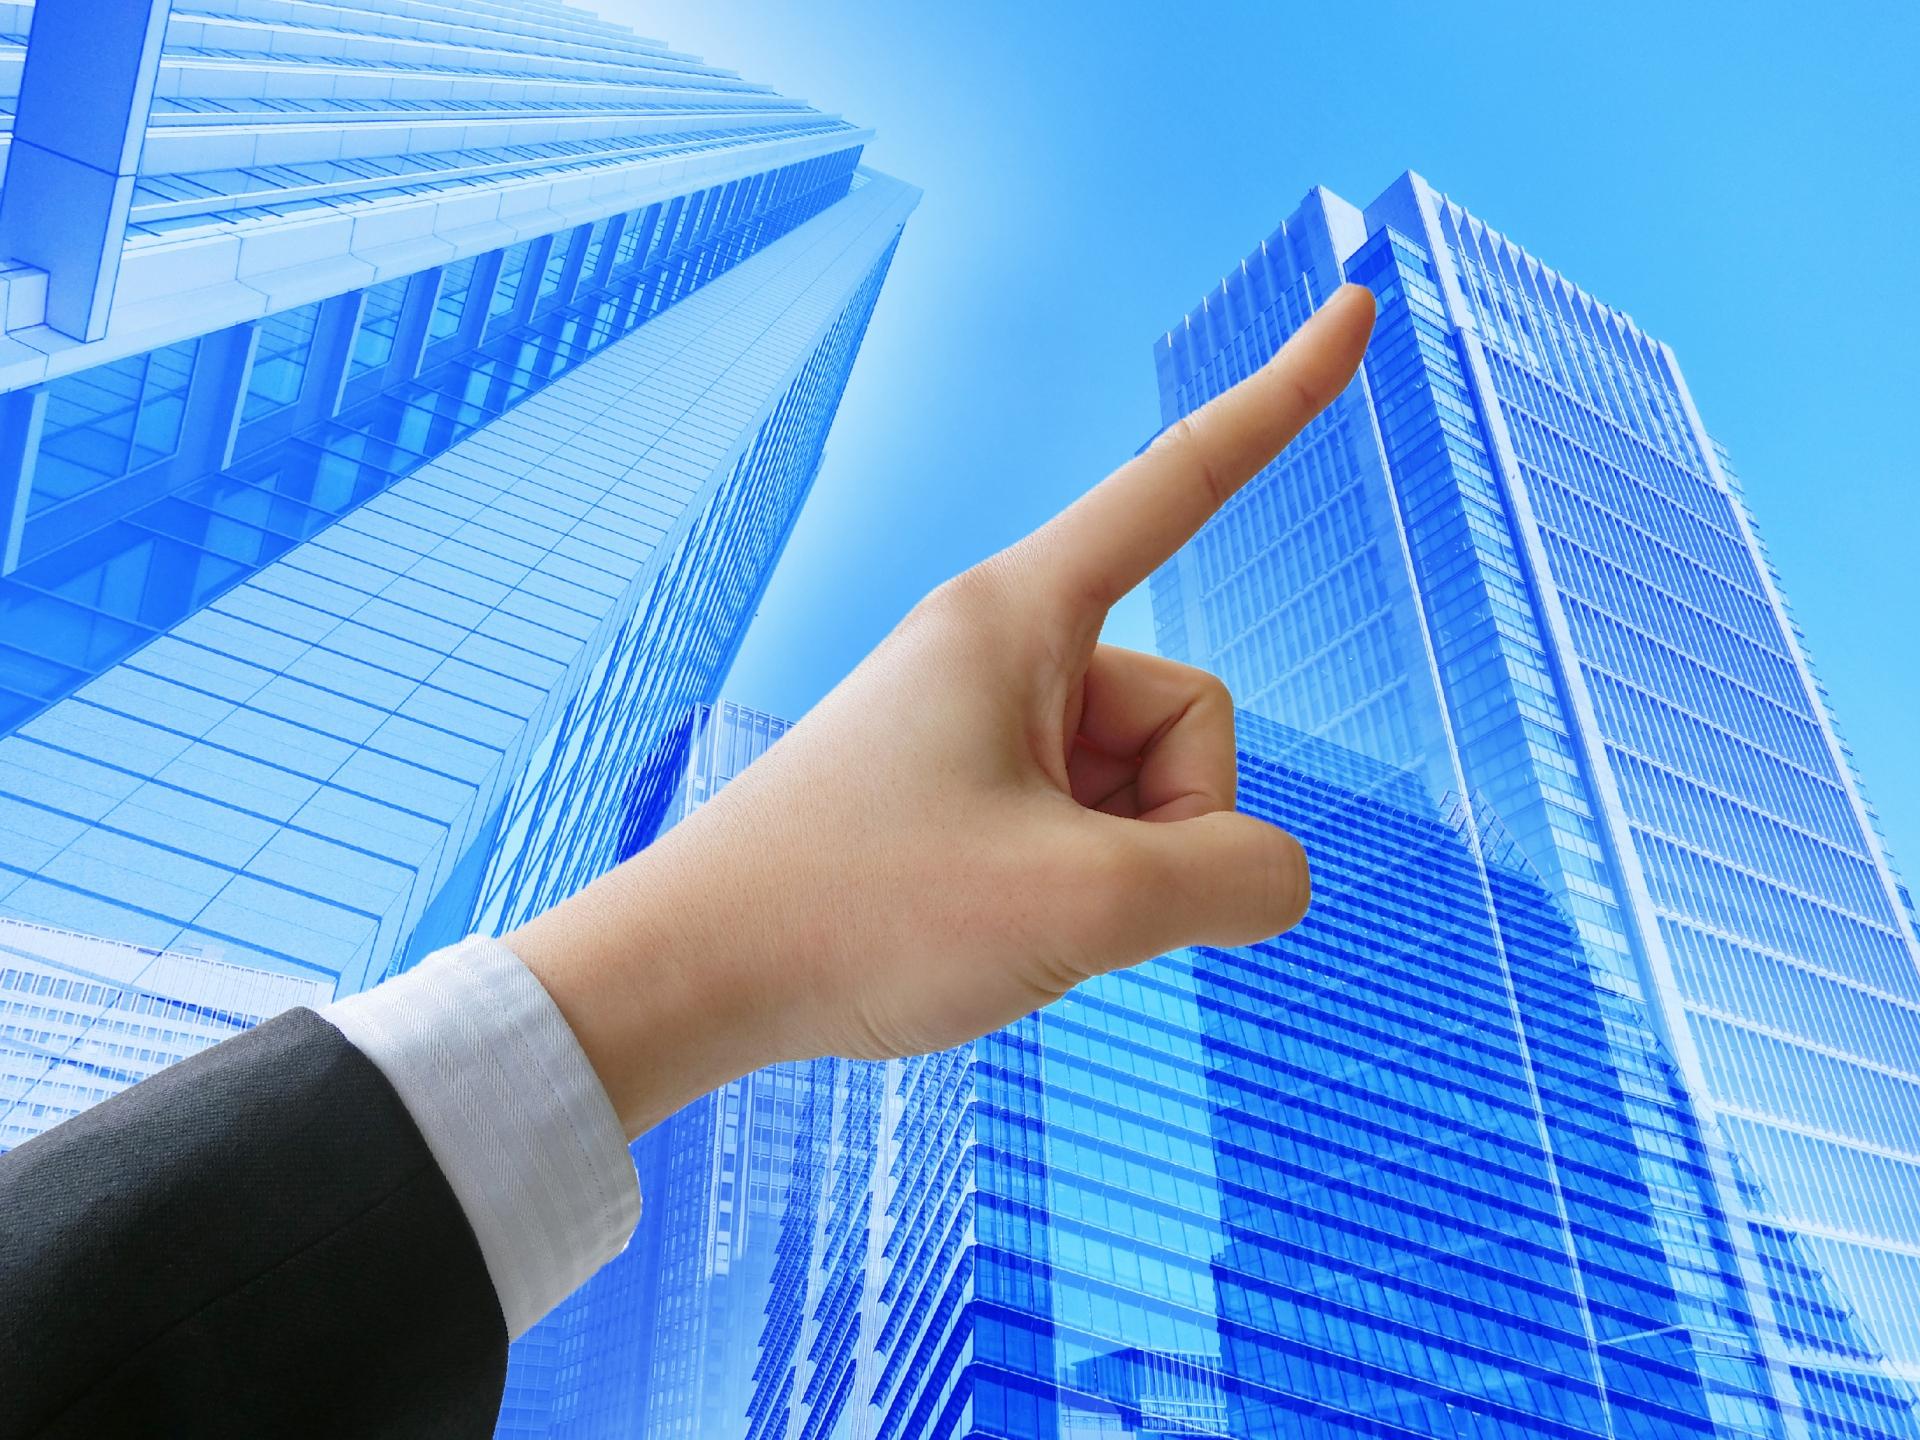 ビジネスマン 社会人 転職 中途採用 ステップアップ 昇進 就職